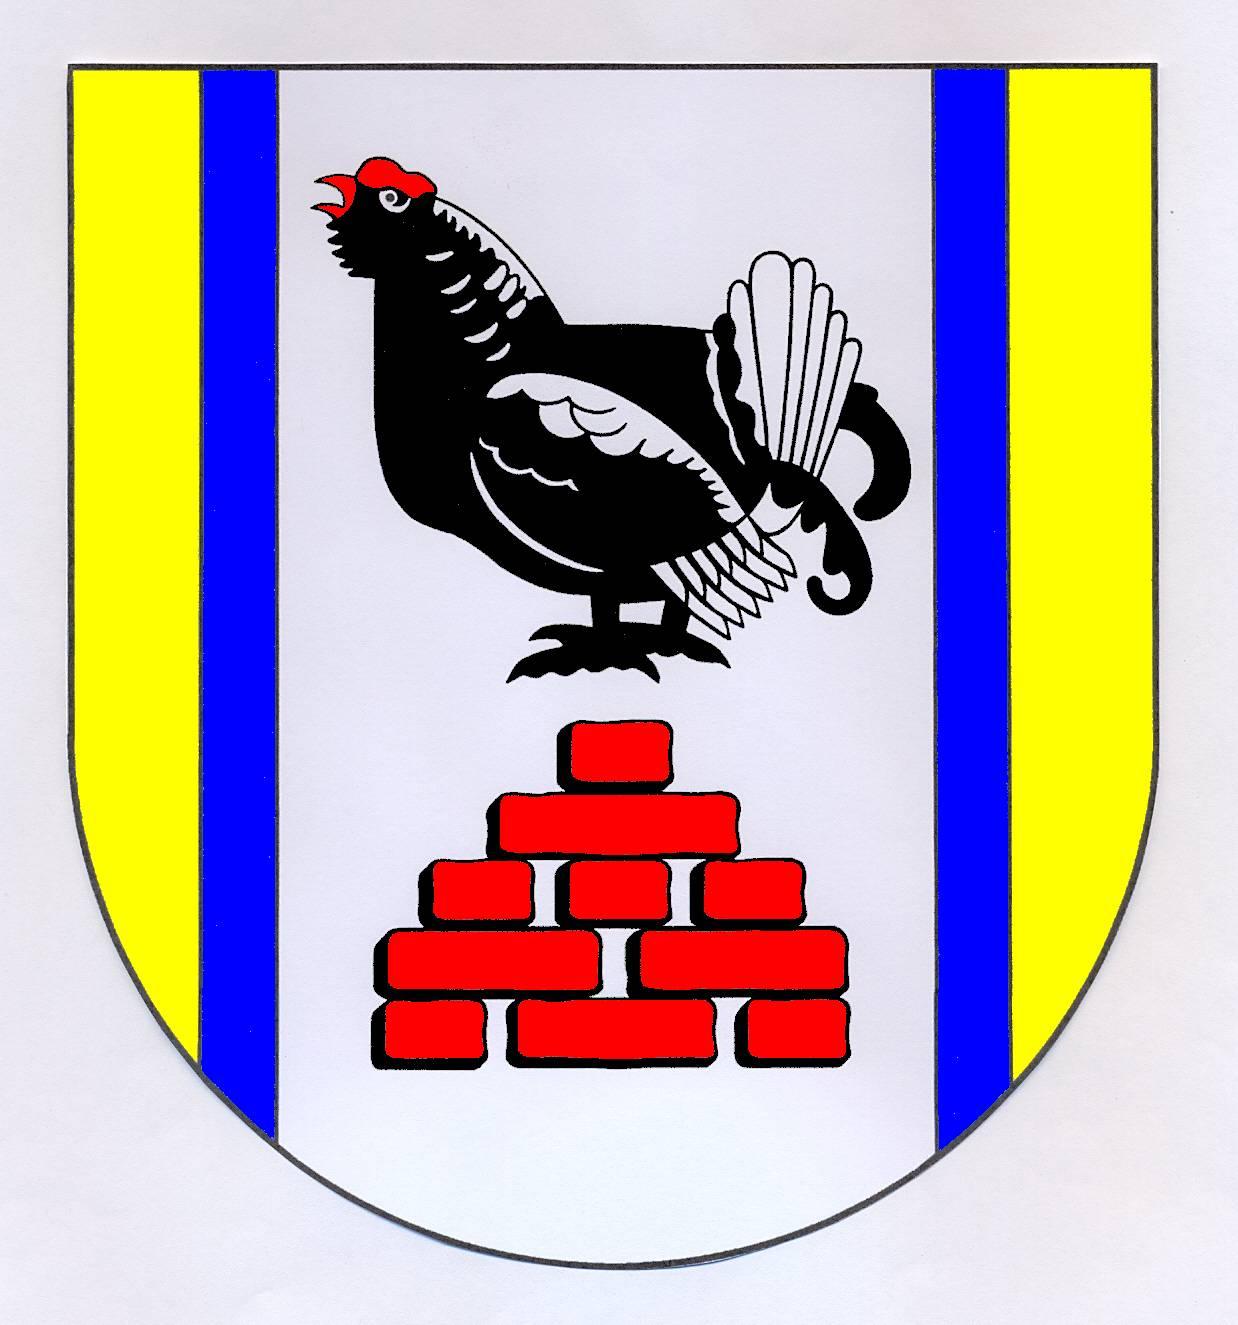 Wappen GemeindeLottorf, Kreis Schleswig-Flensburg